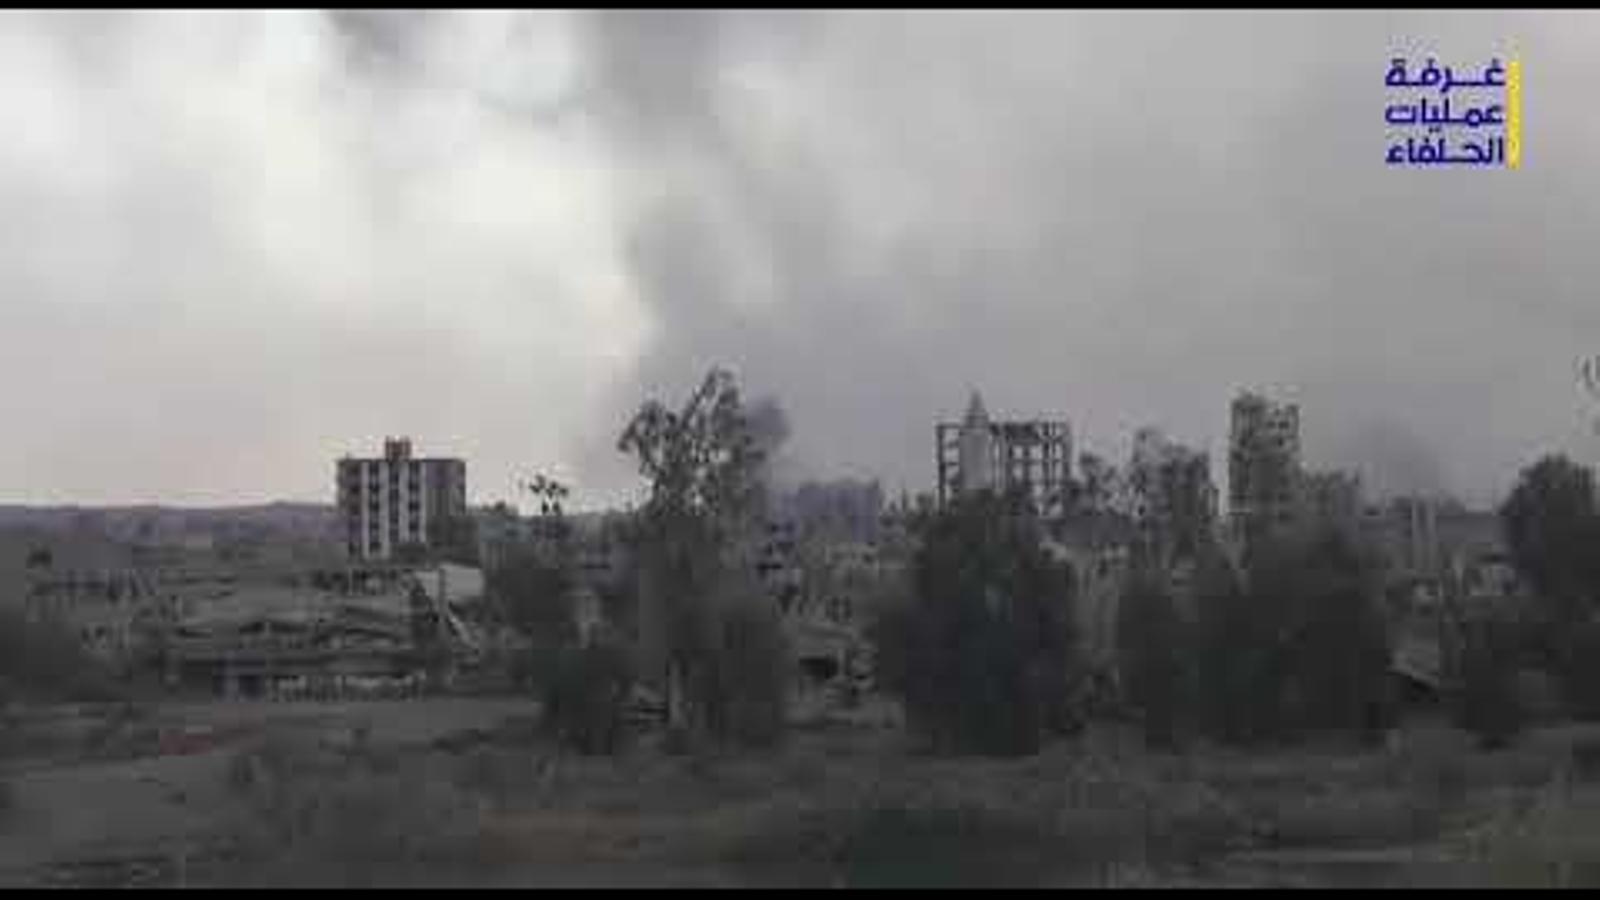 Imatges de la presa de la ciutat de Deir al-Zor del 2 de novembre del 2017